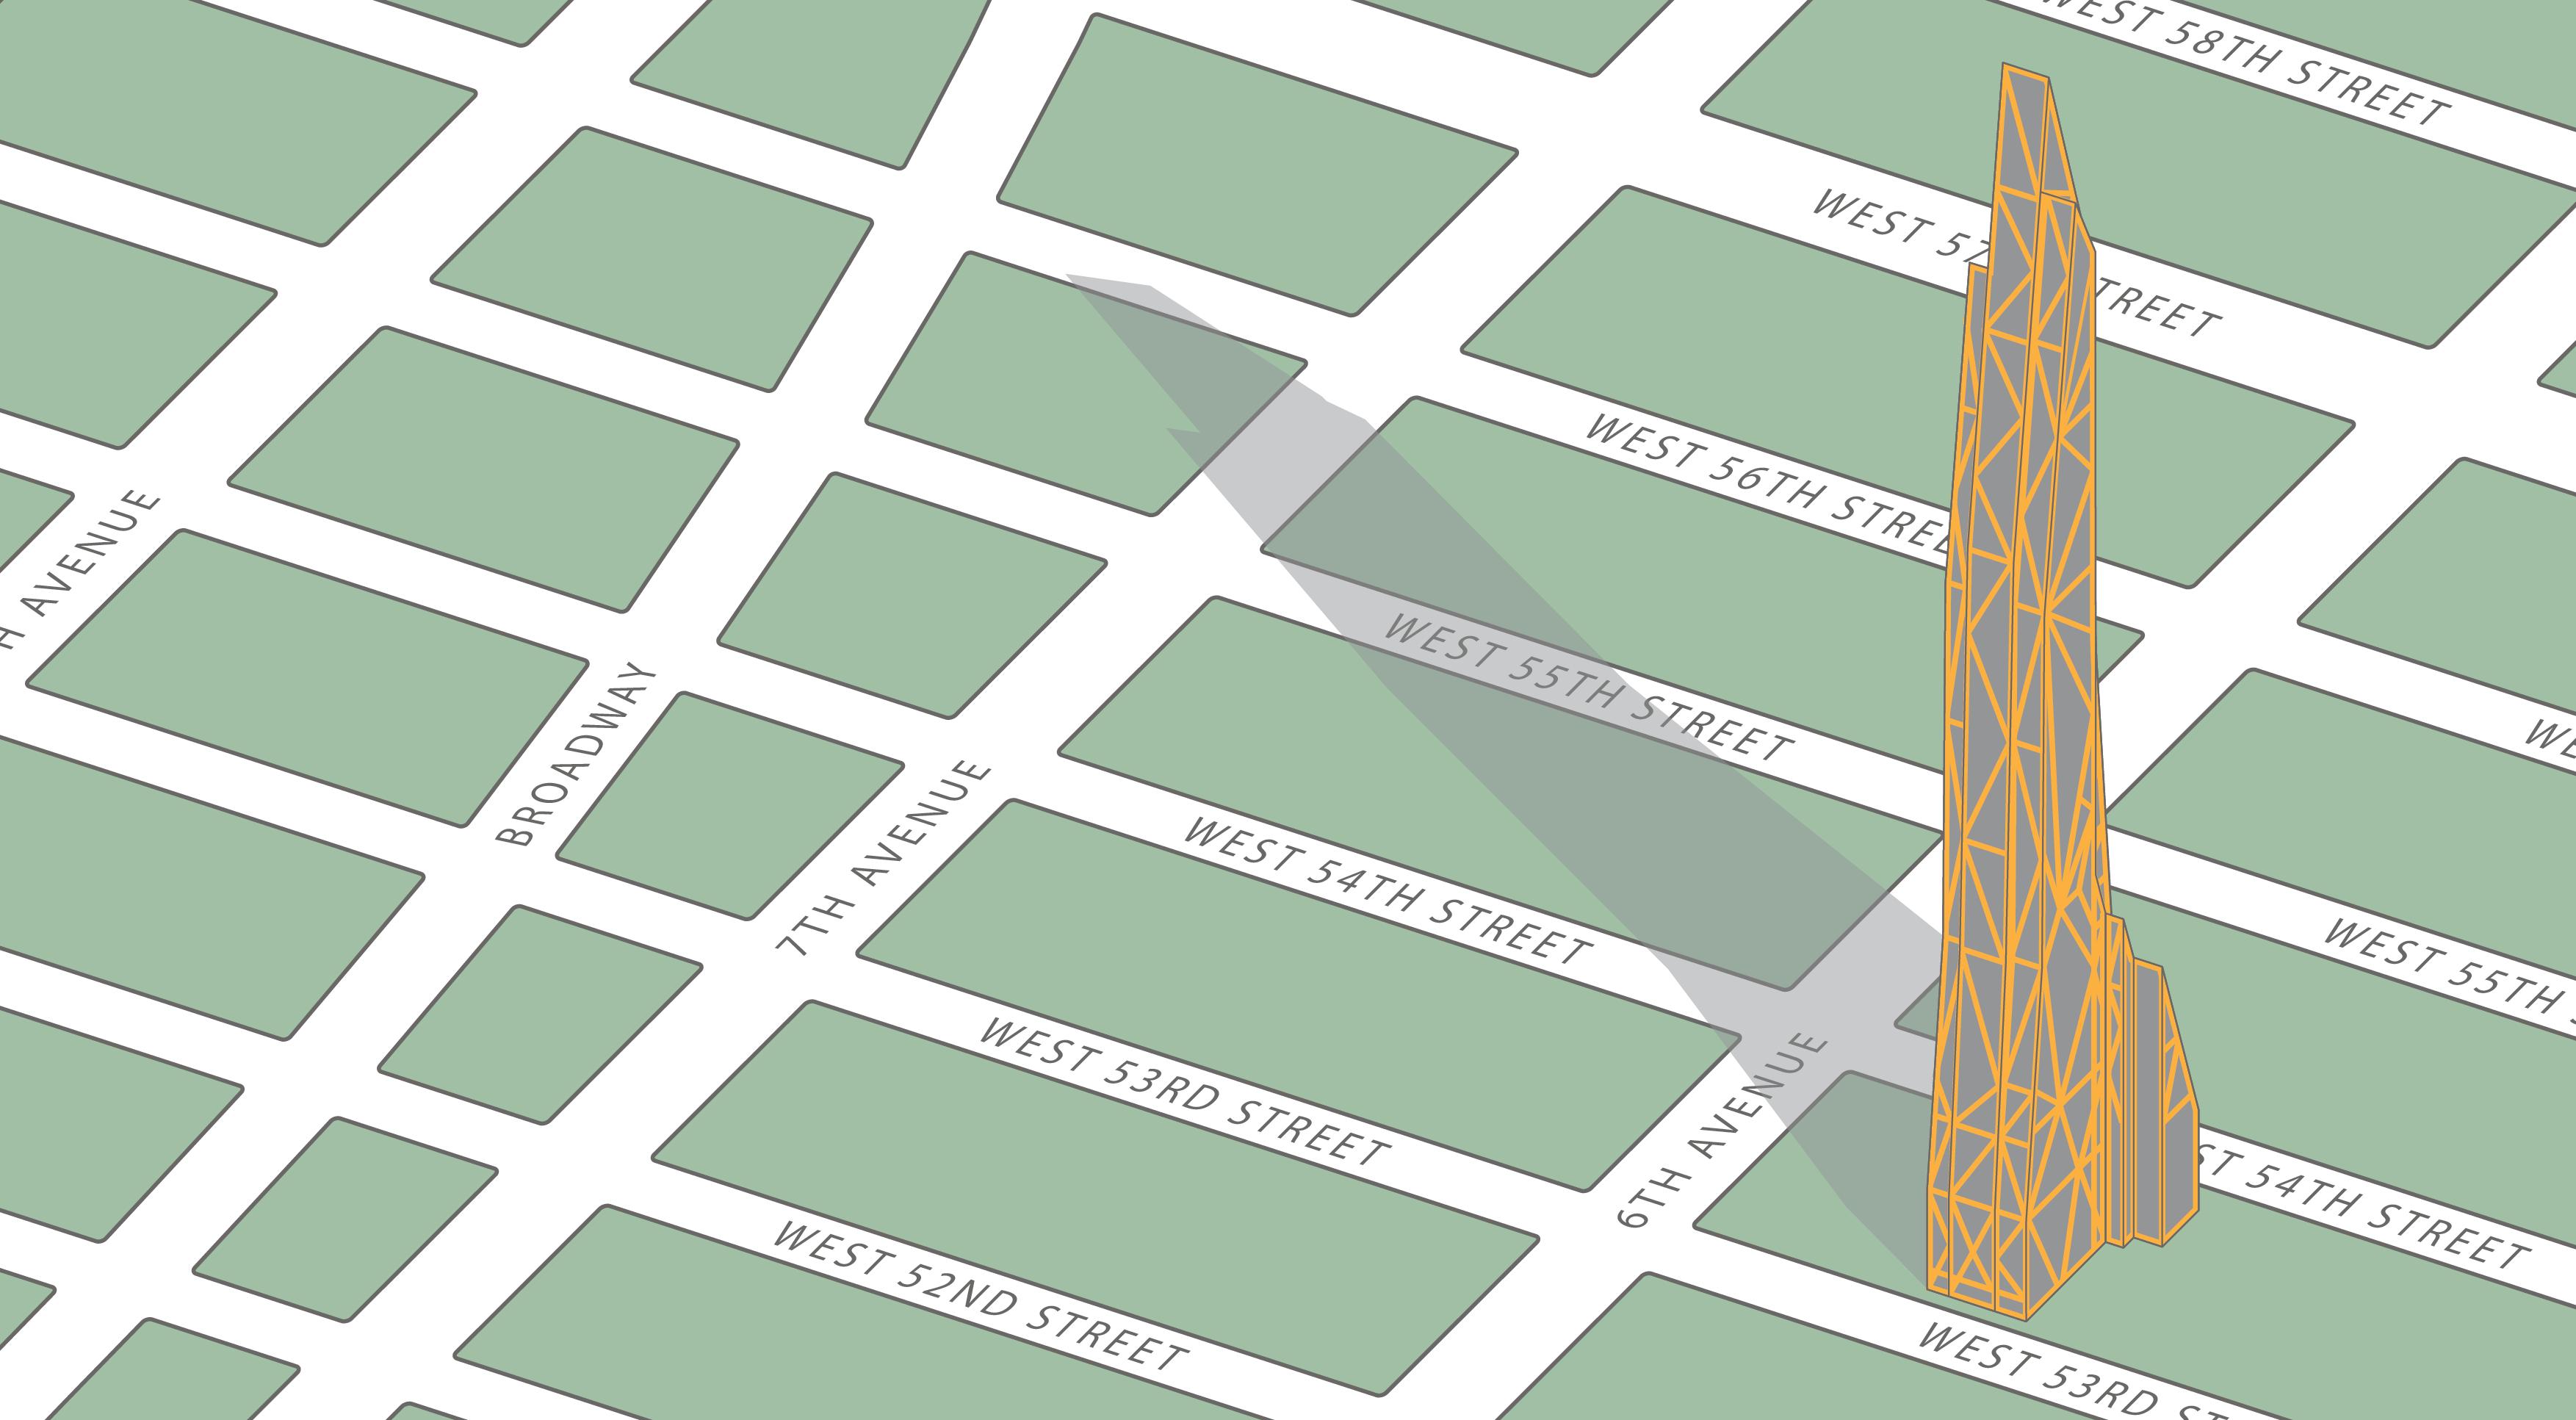 NYC_53w53st_map_ORANGE